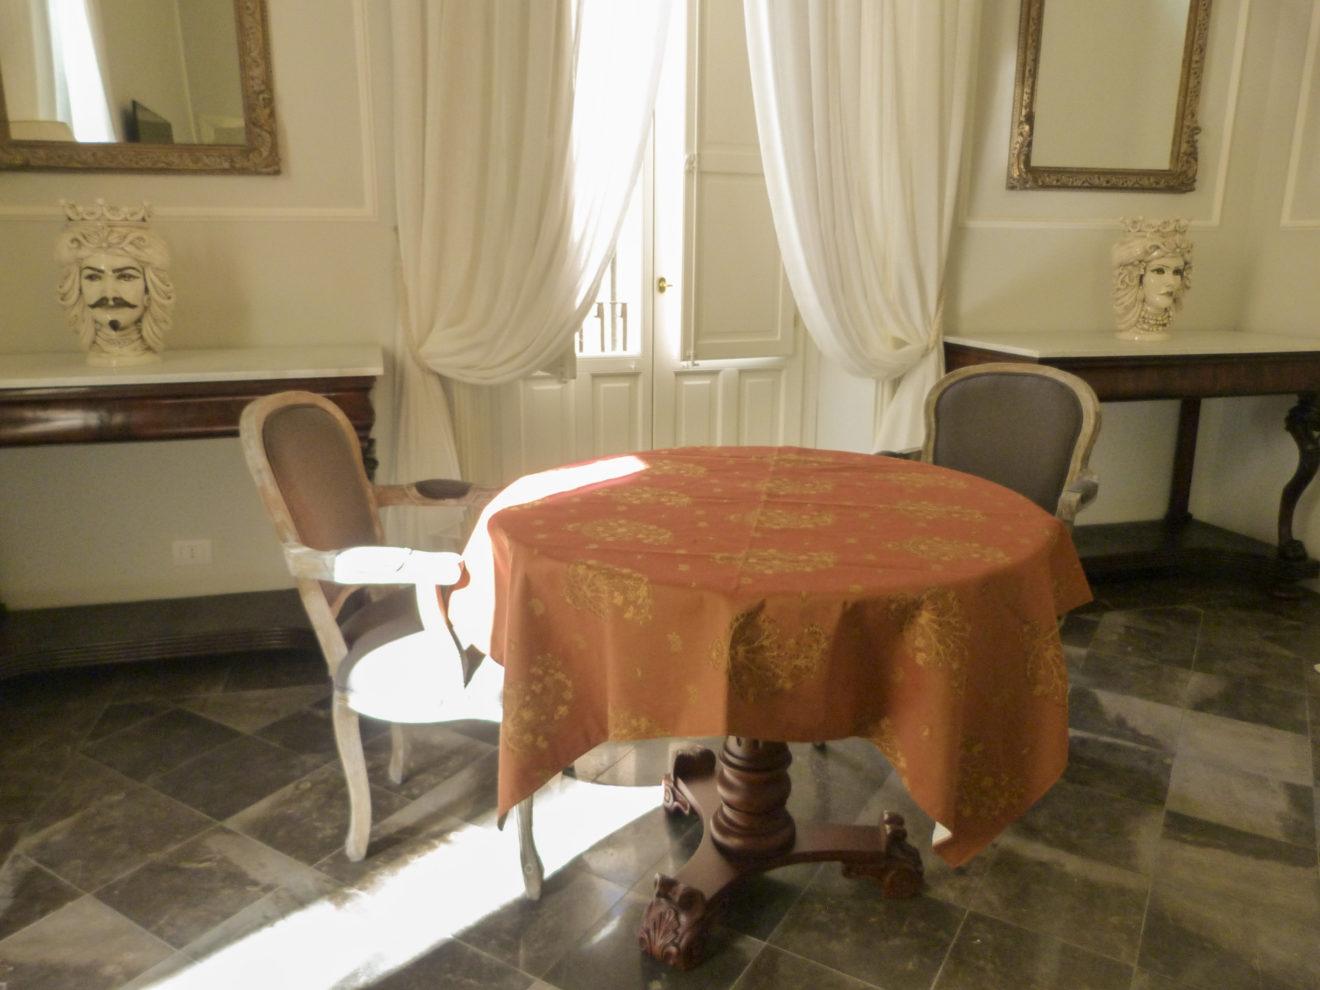 Suite_Cattedrale_2_Gagliardi_Boutique_hotel_noto_centro_Barocco_luxury_lusso_18